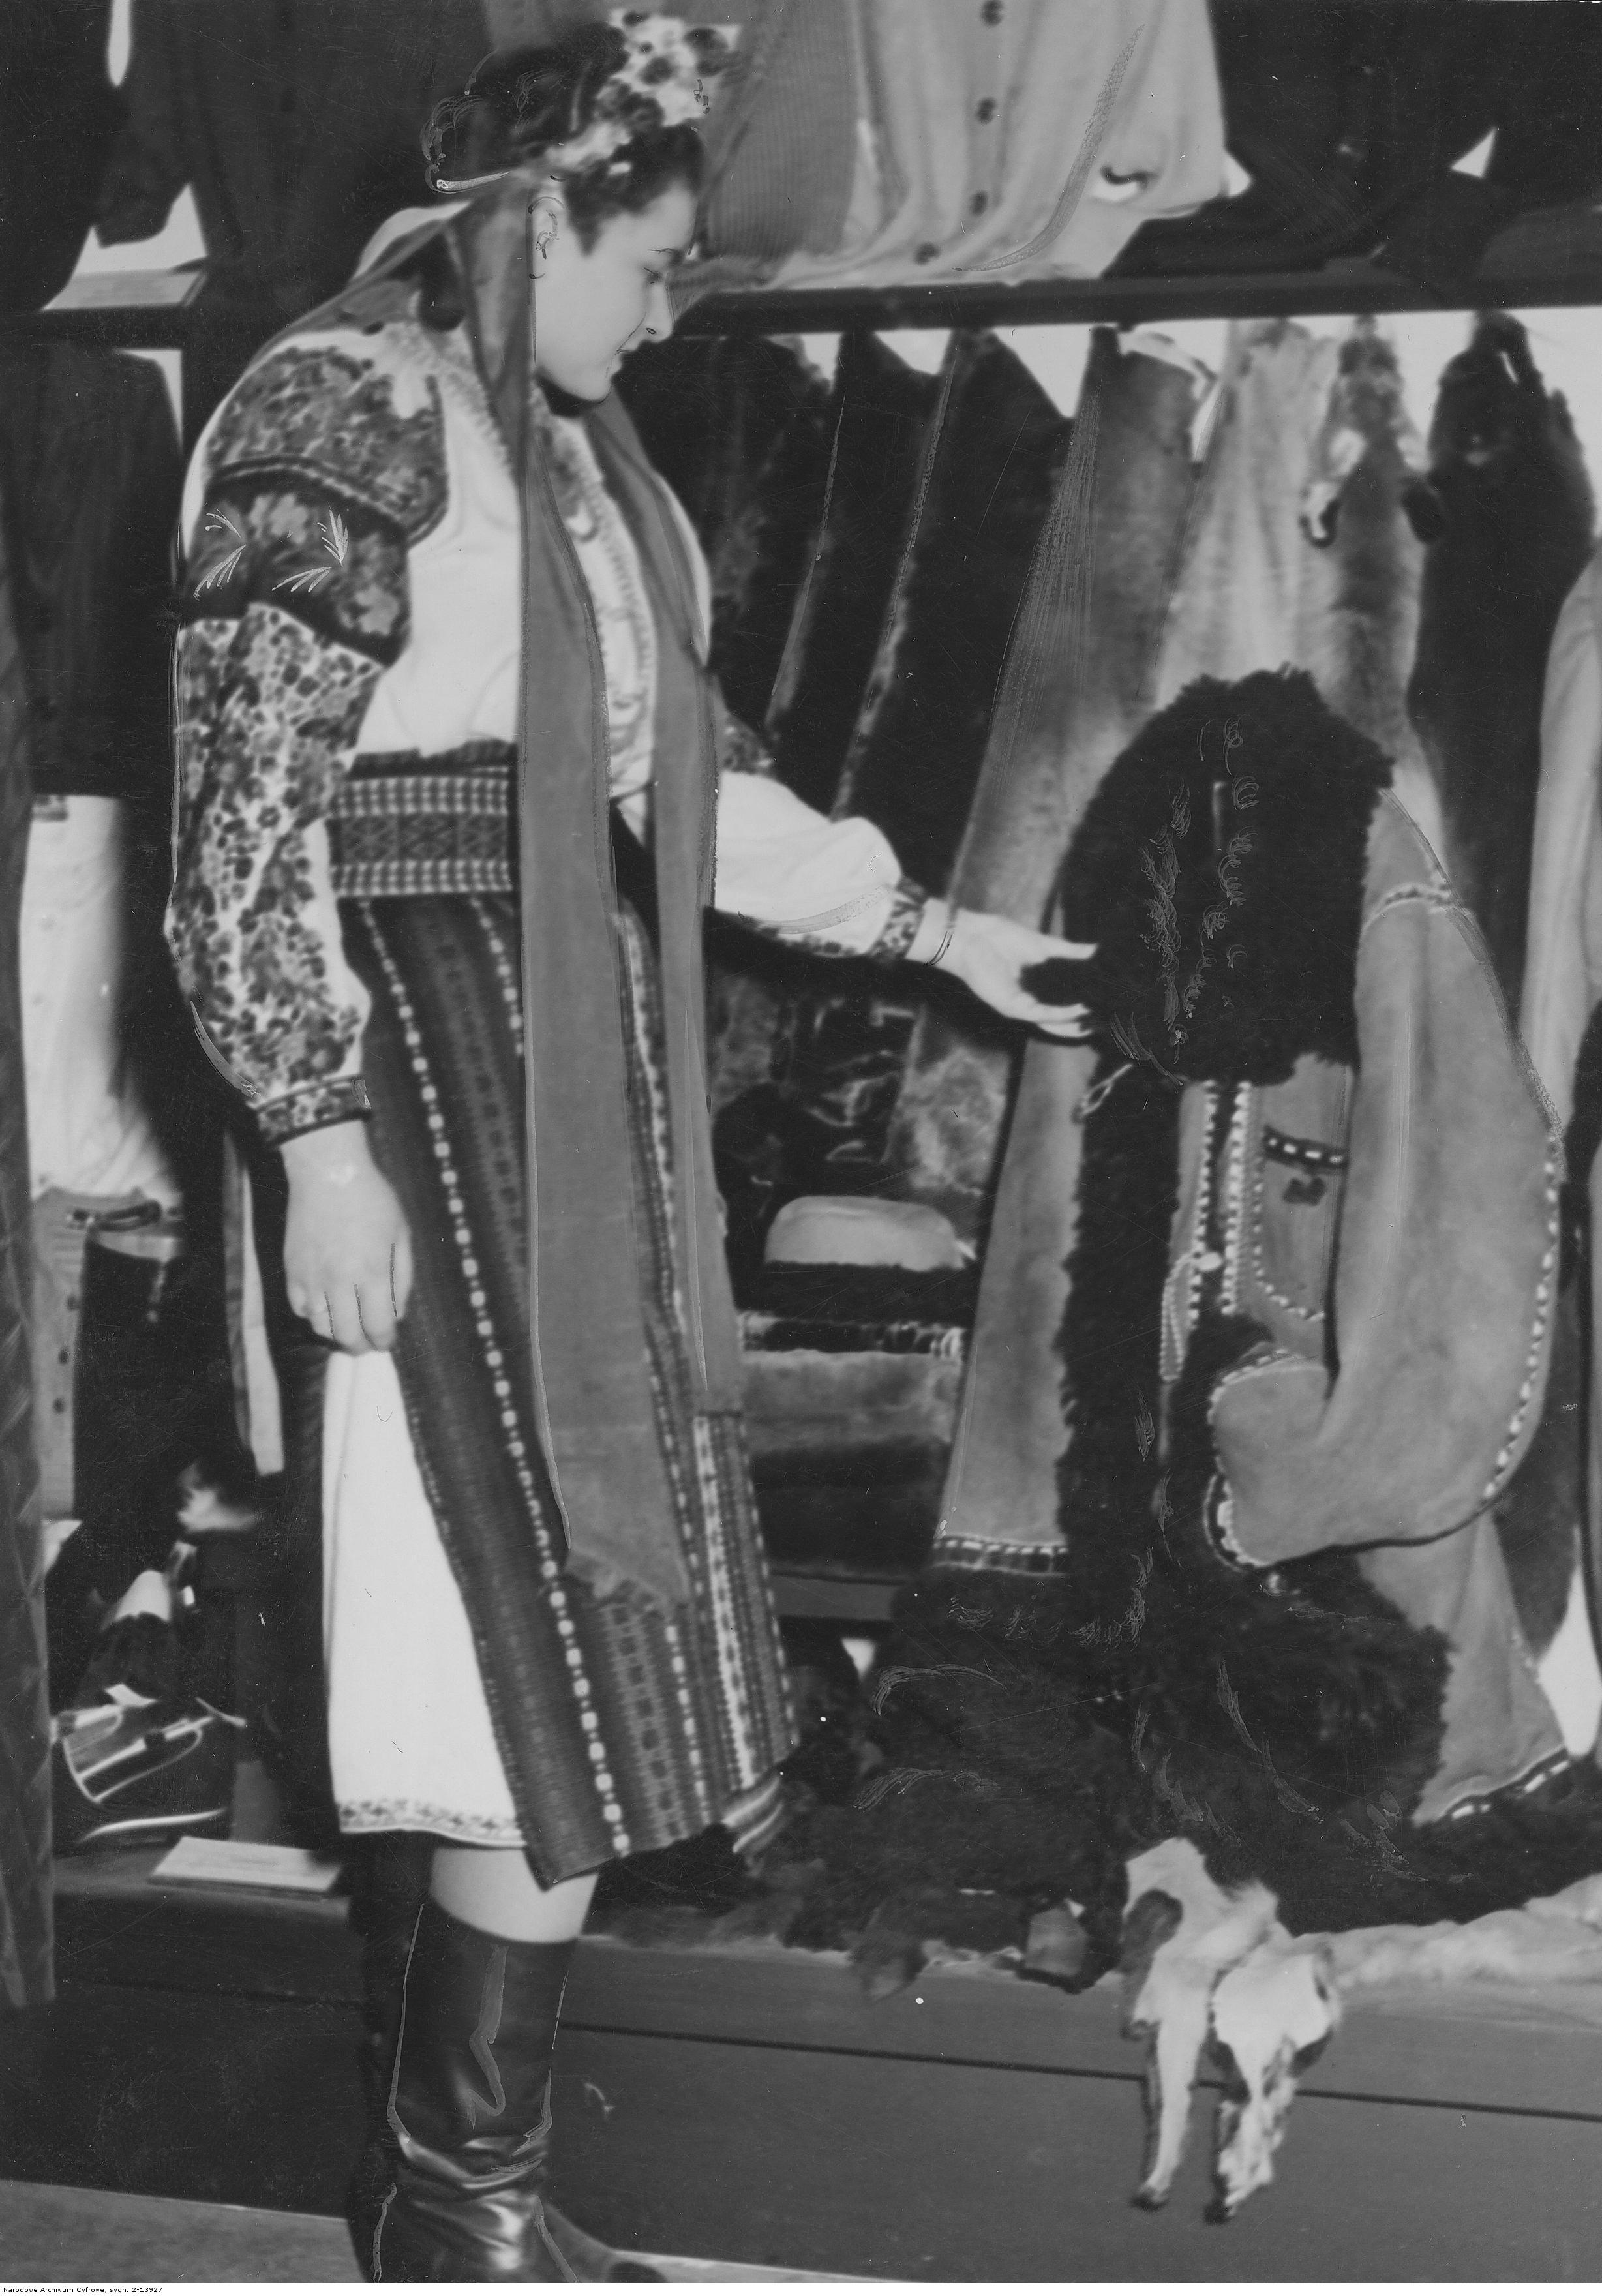 1941. Лейпцигская ярмарка. Украинская девушка представляет продукты швейной промышленности